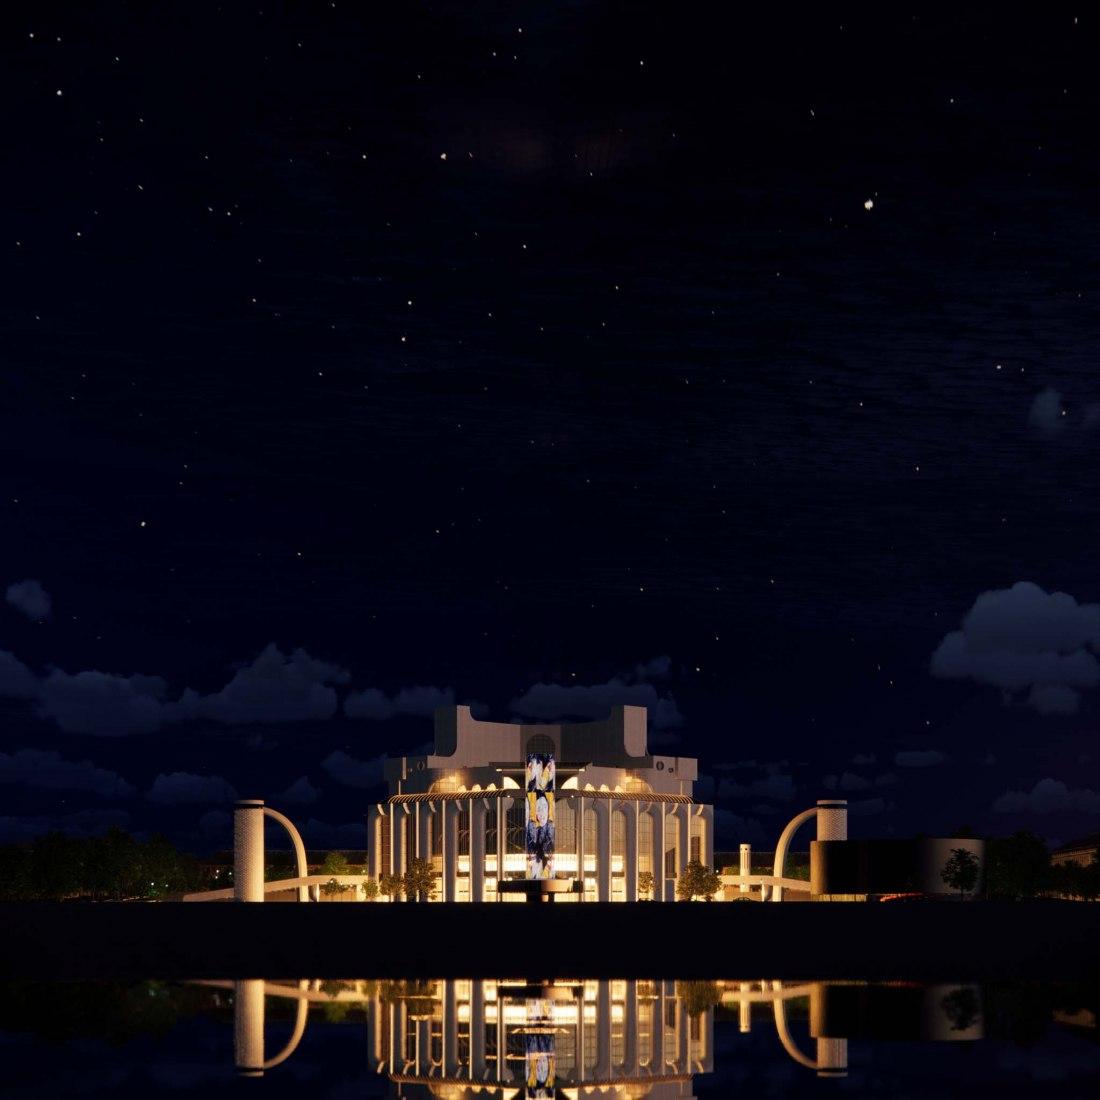 Concurso de Arquitectura para el Concepto de Rehabilitación del Teatro Dramático en Veliky Novgorod por Rhizome. Visualización por Rhizome